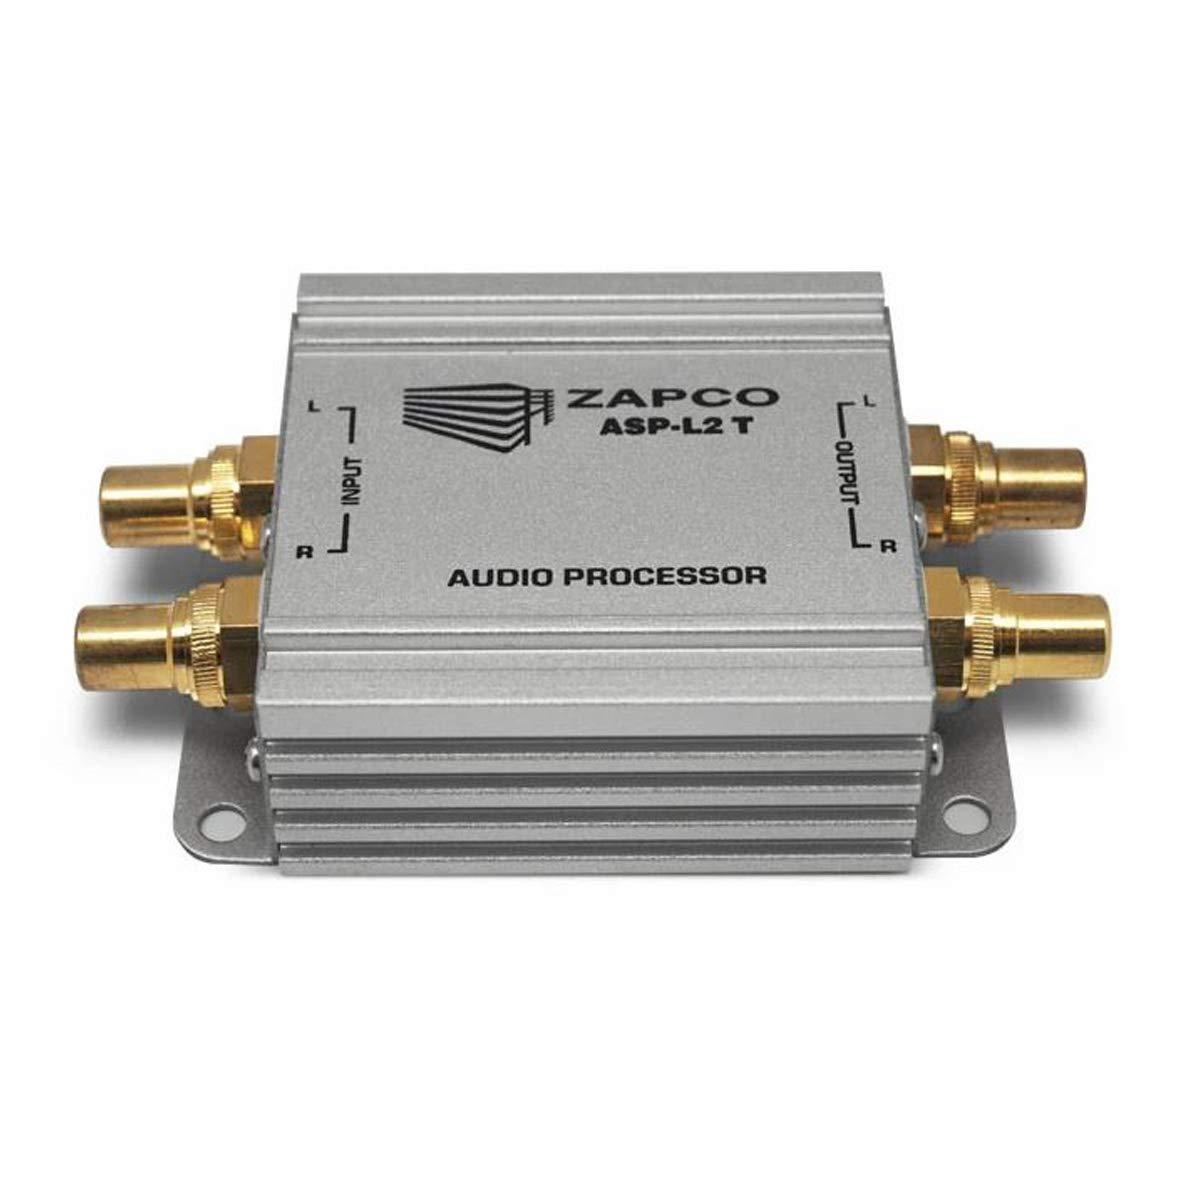 Zapco ASP- L2 T 2-Channel Line Noise Filter